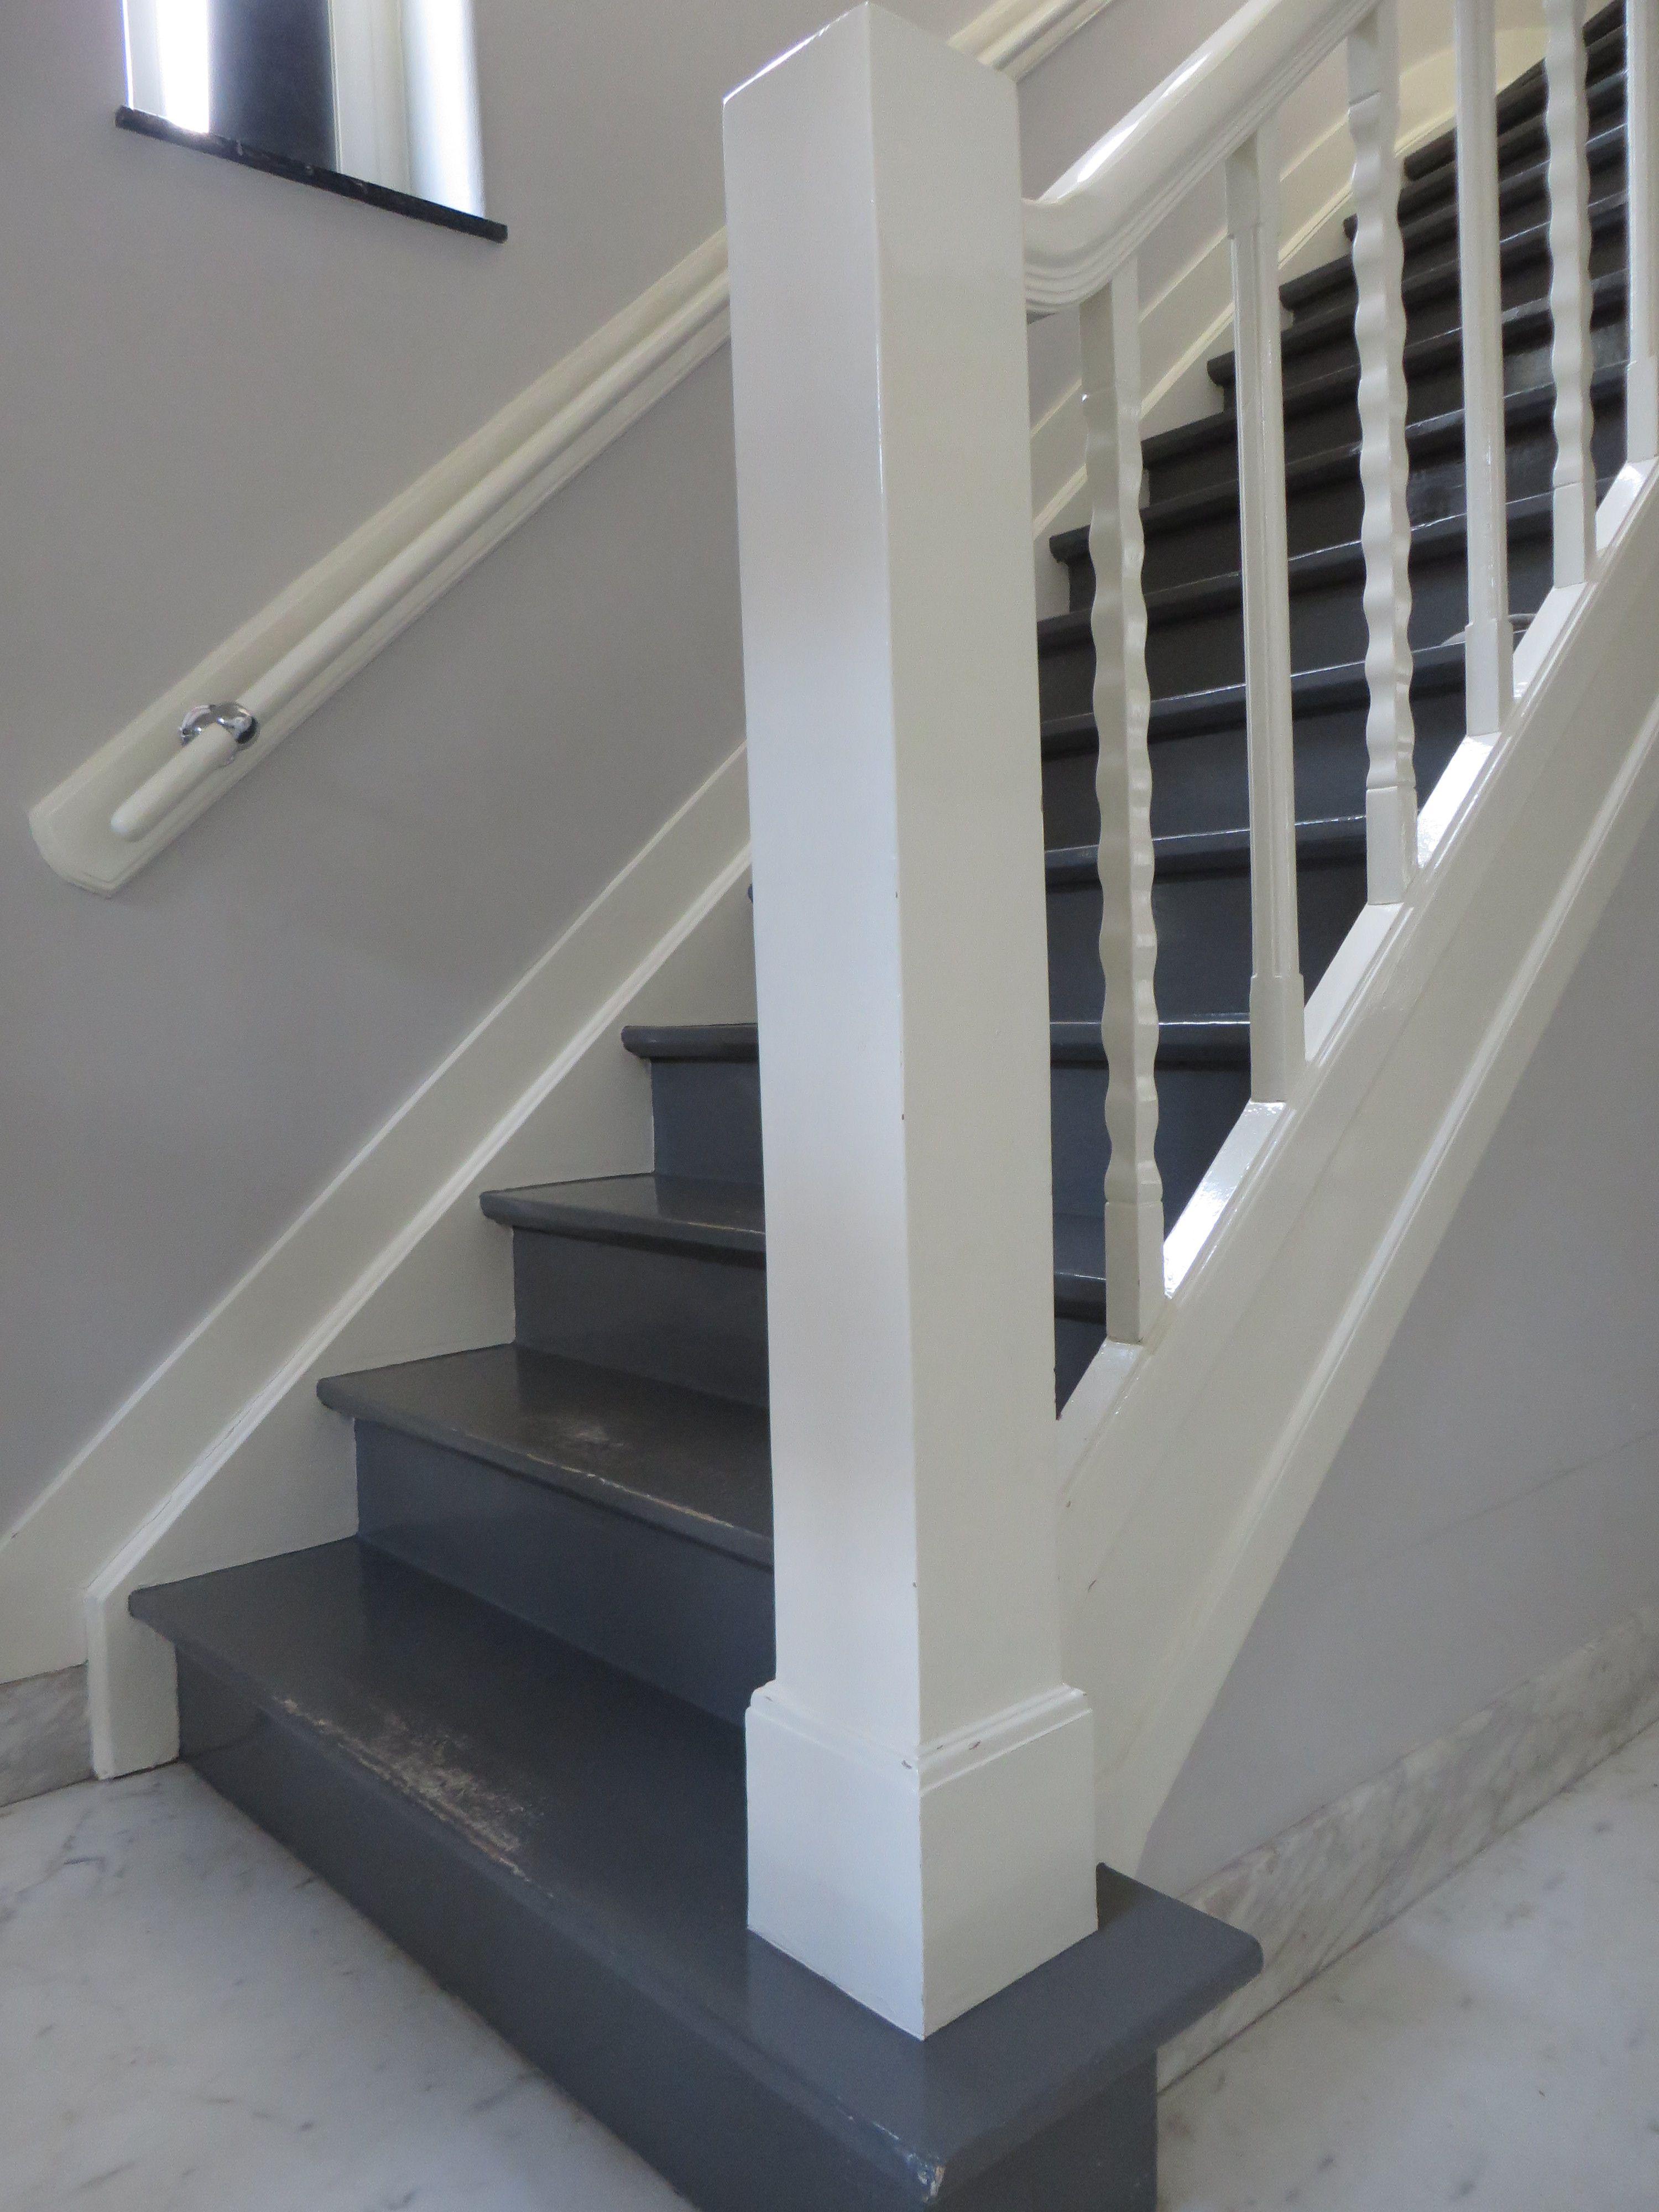 Ongekend Trap in hal verven jaren 20, 30 huis (met afbeeldingen LA-58